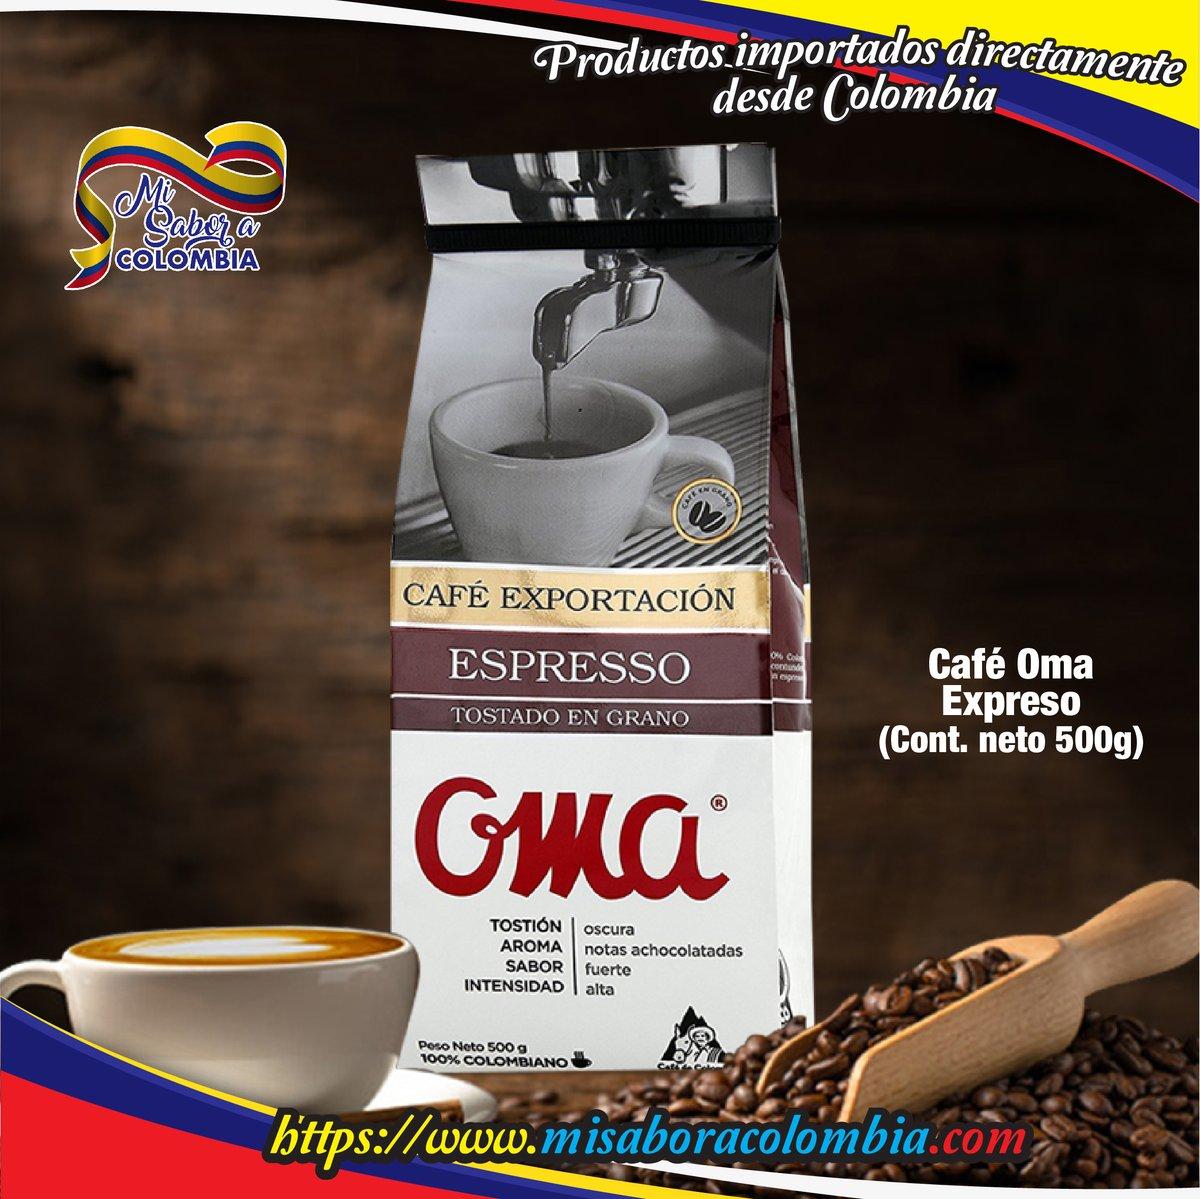 Café Exportación Espresso tostado OMA (500 grs.)  100% Arábica; de molienda fina, aromático, intenso, tostado...  #coffee  Visite en   #misaboracolombia